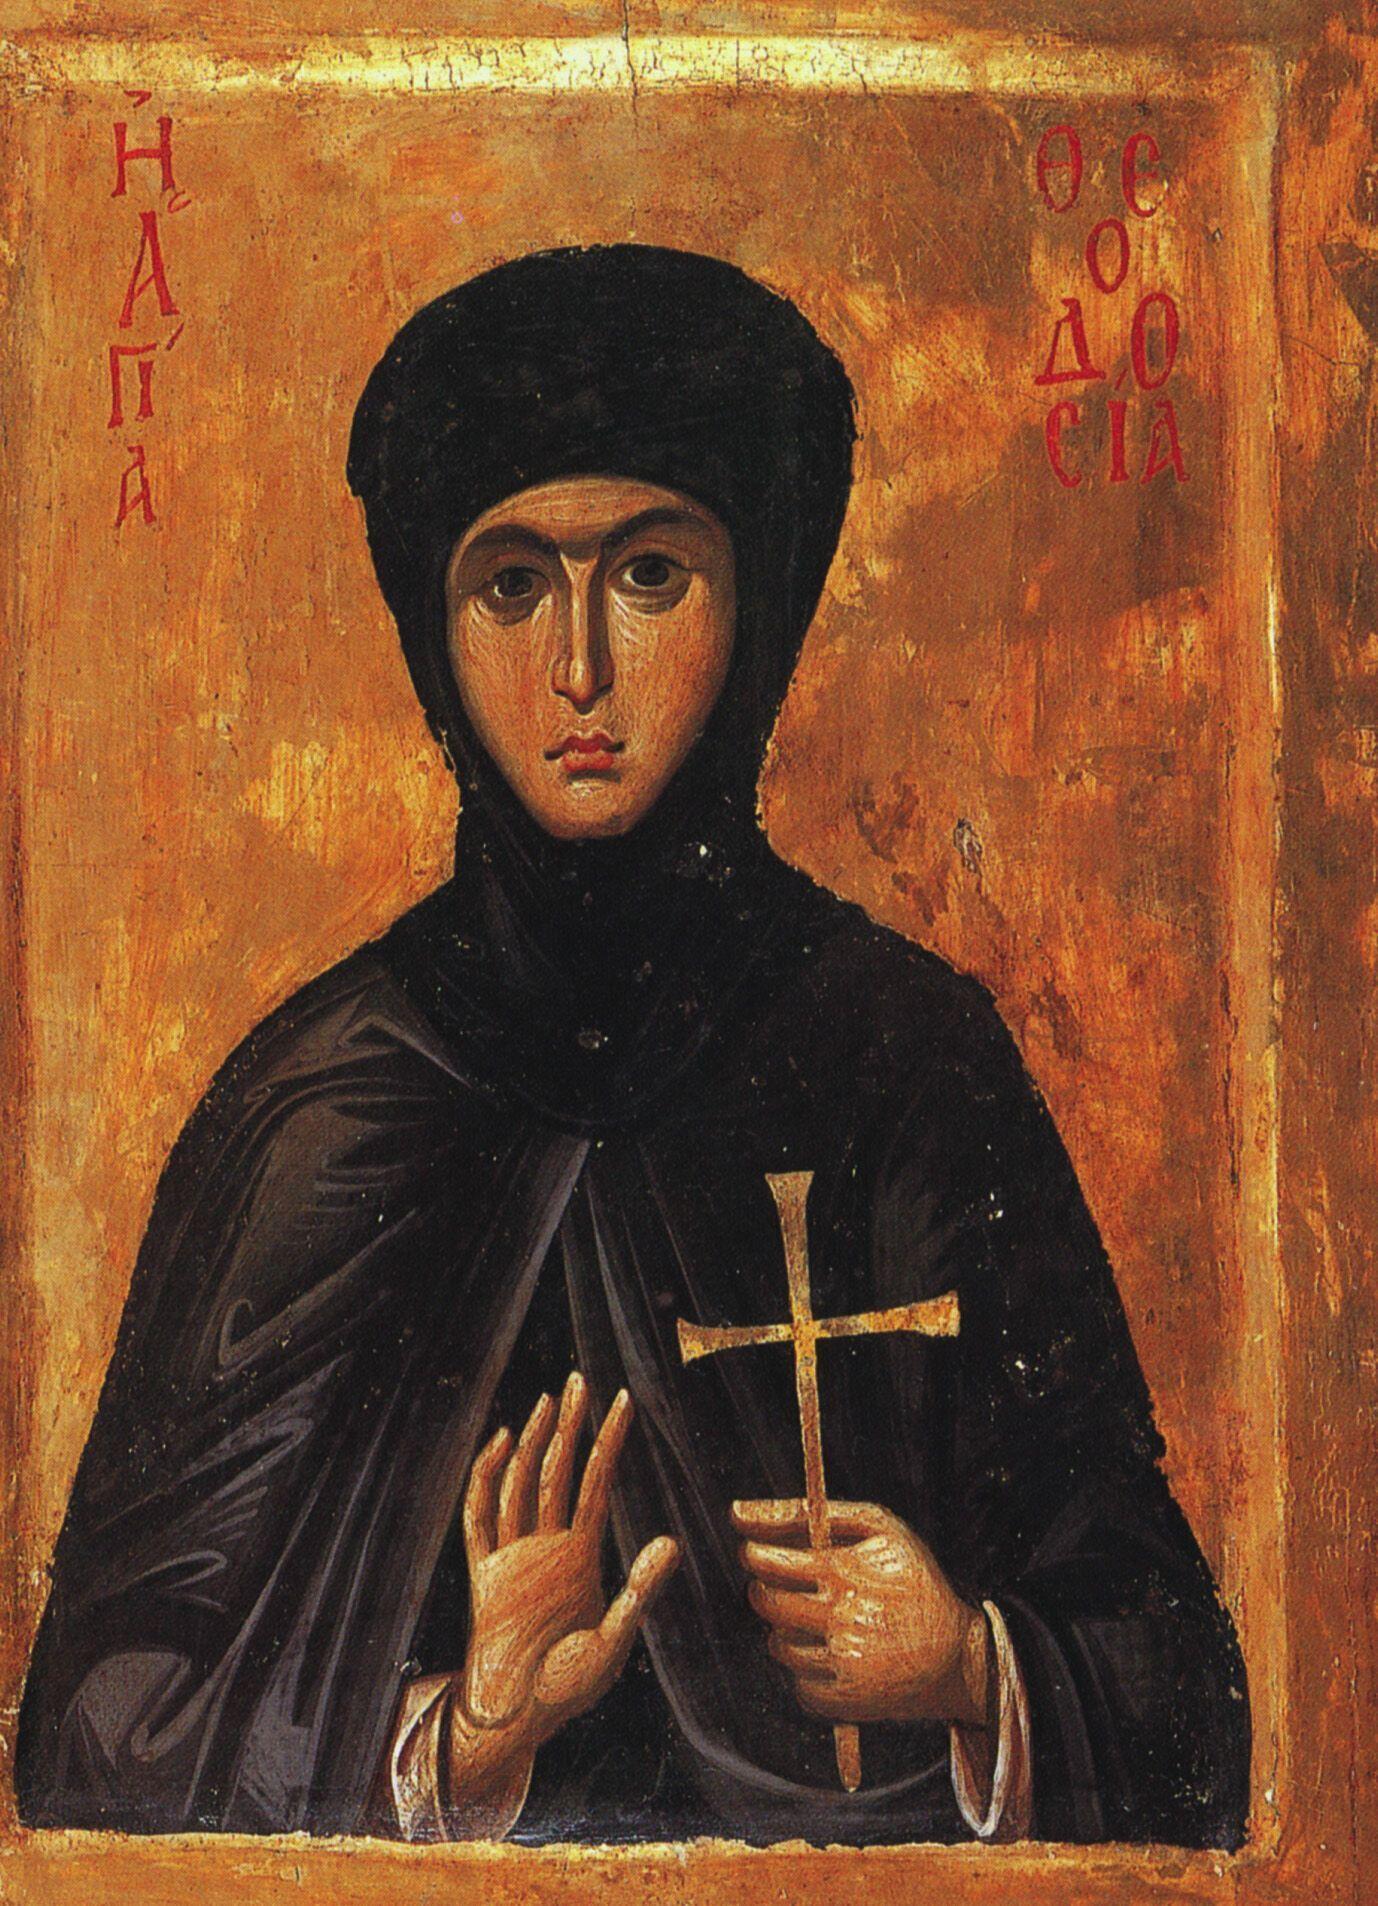 Феодосию Константинопольскую казнили в VIII веке за препятствие уничтожению икон